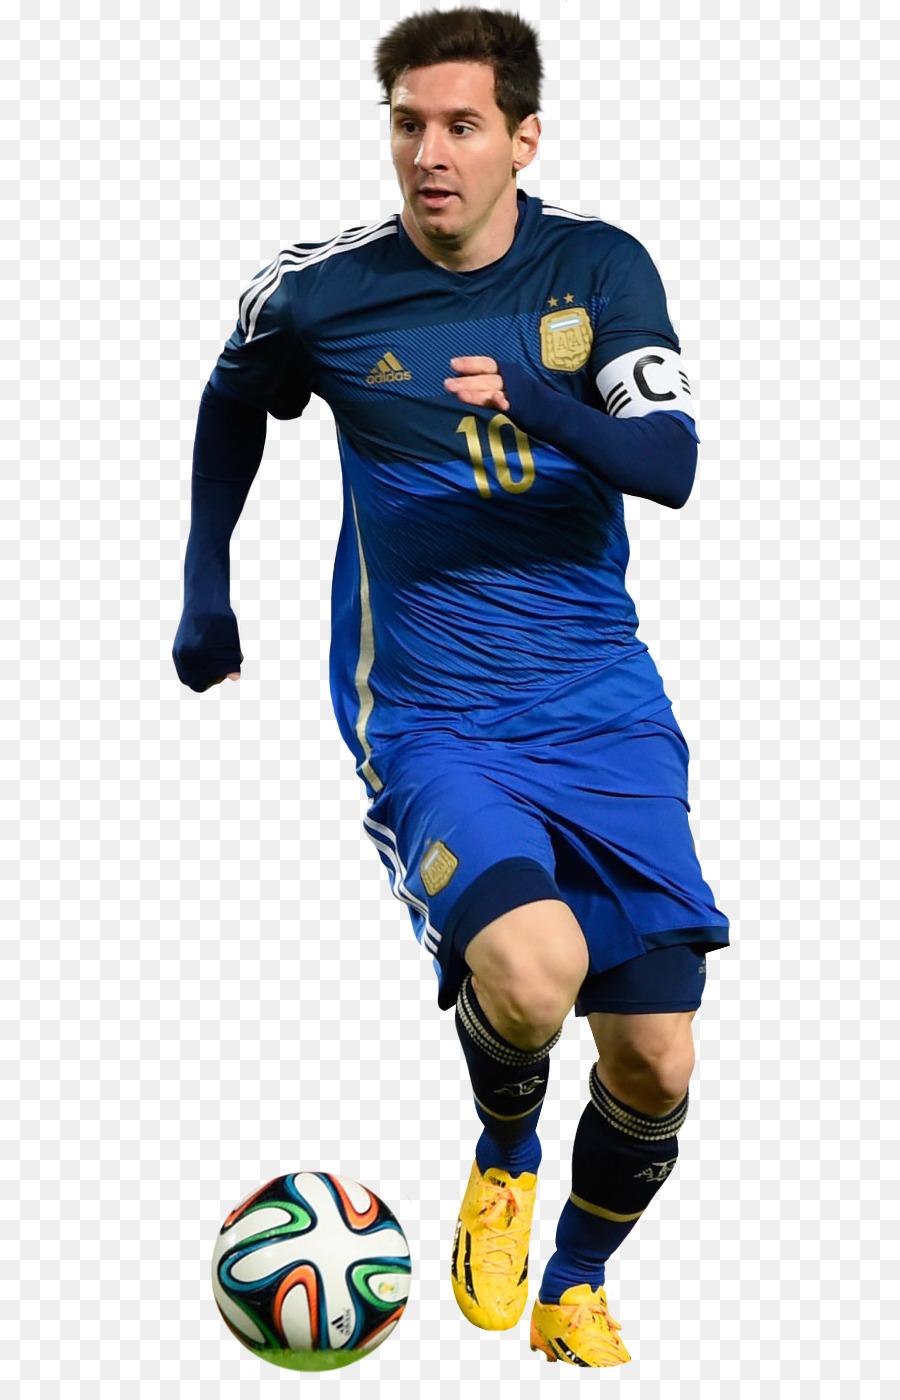 Descarga gratuita de Lionel Messi, Jugador De Fútbol, Fútbol imágenes PNG